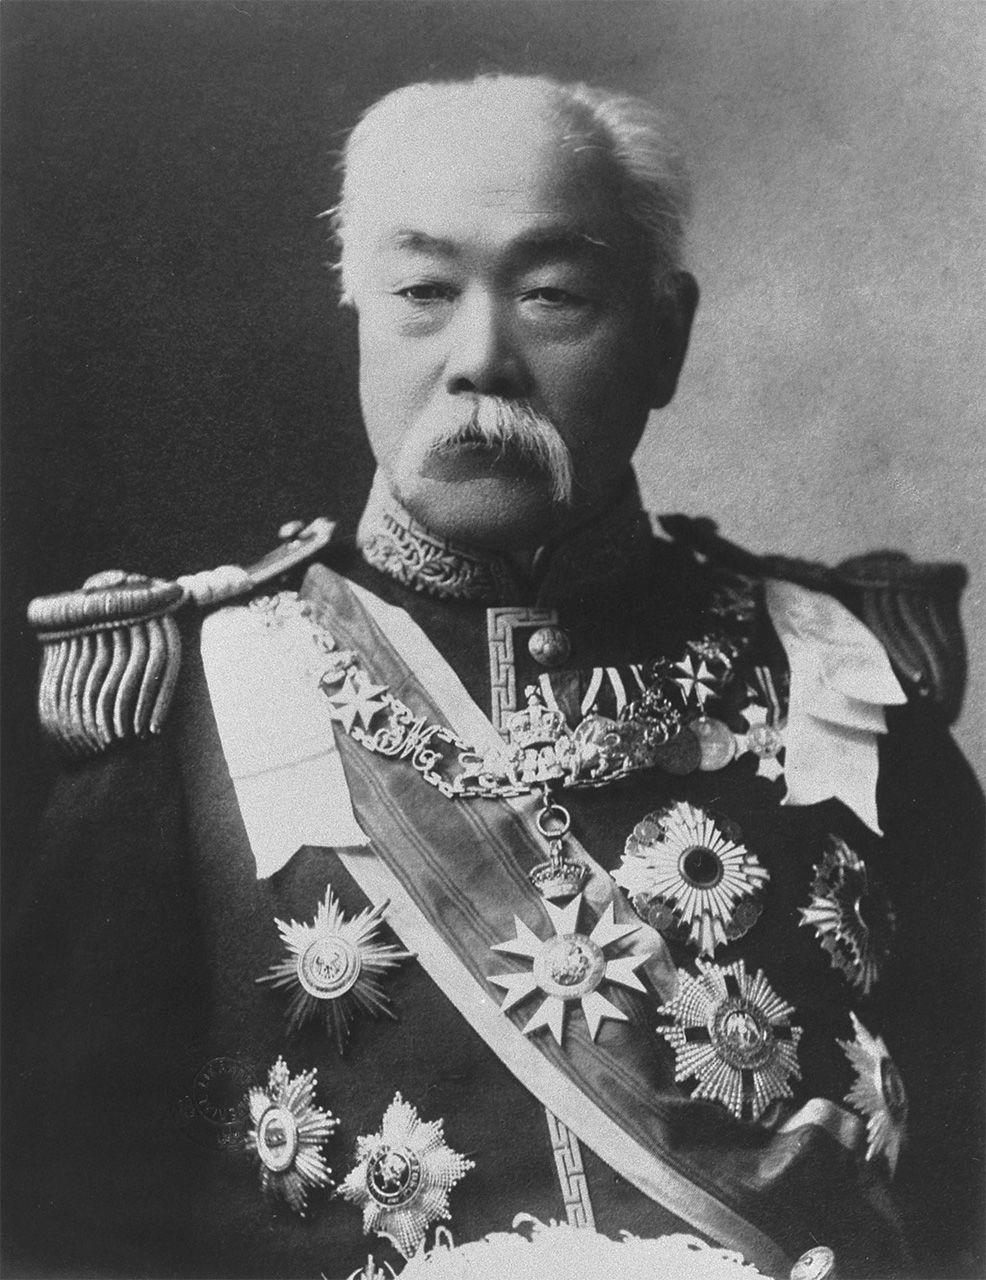 Мацуката Масаёси (1835-1924) несколько раз был министром финансов, и дважды – премьер-министром, в 1891-1892 и 1896-1898 годах (фотография предоставлена Библиотекой парламента Японии)